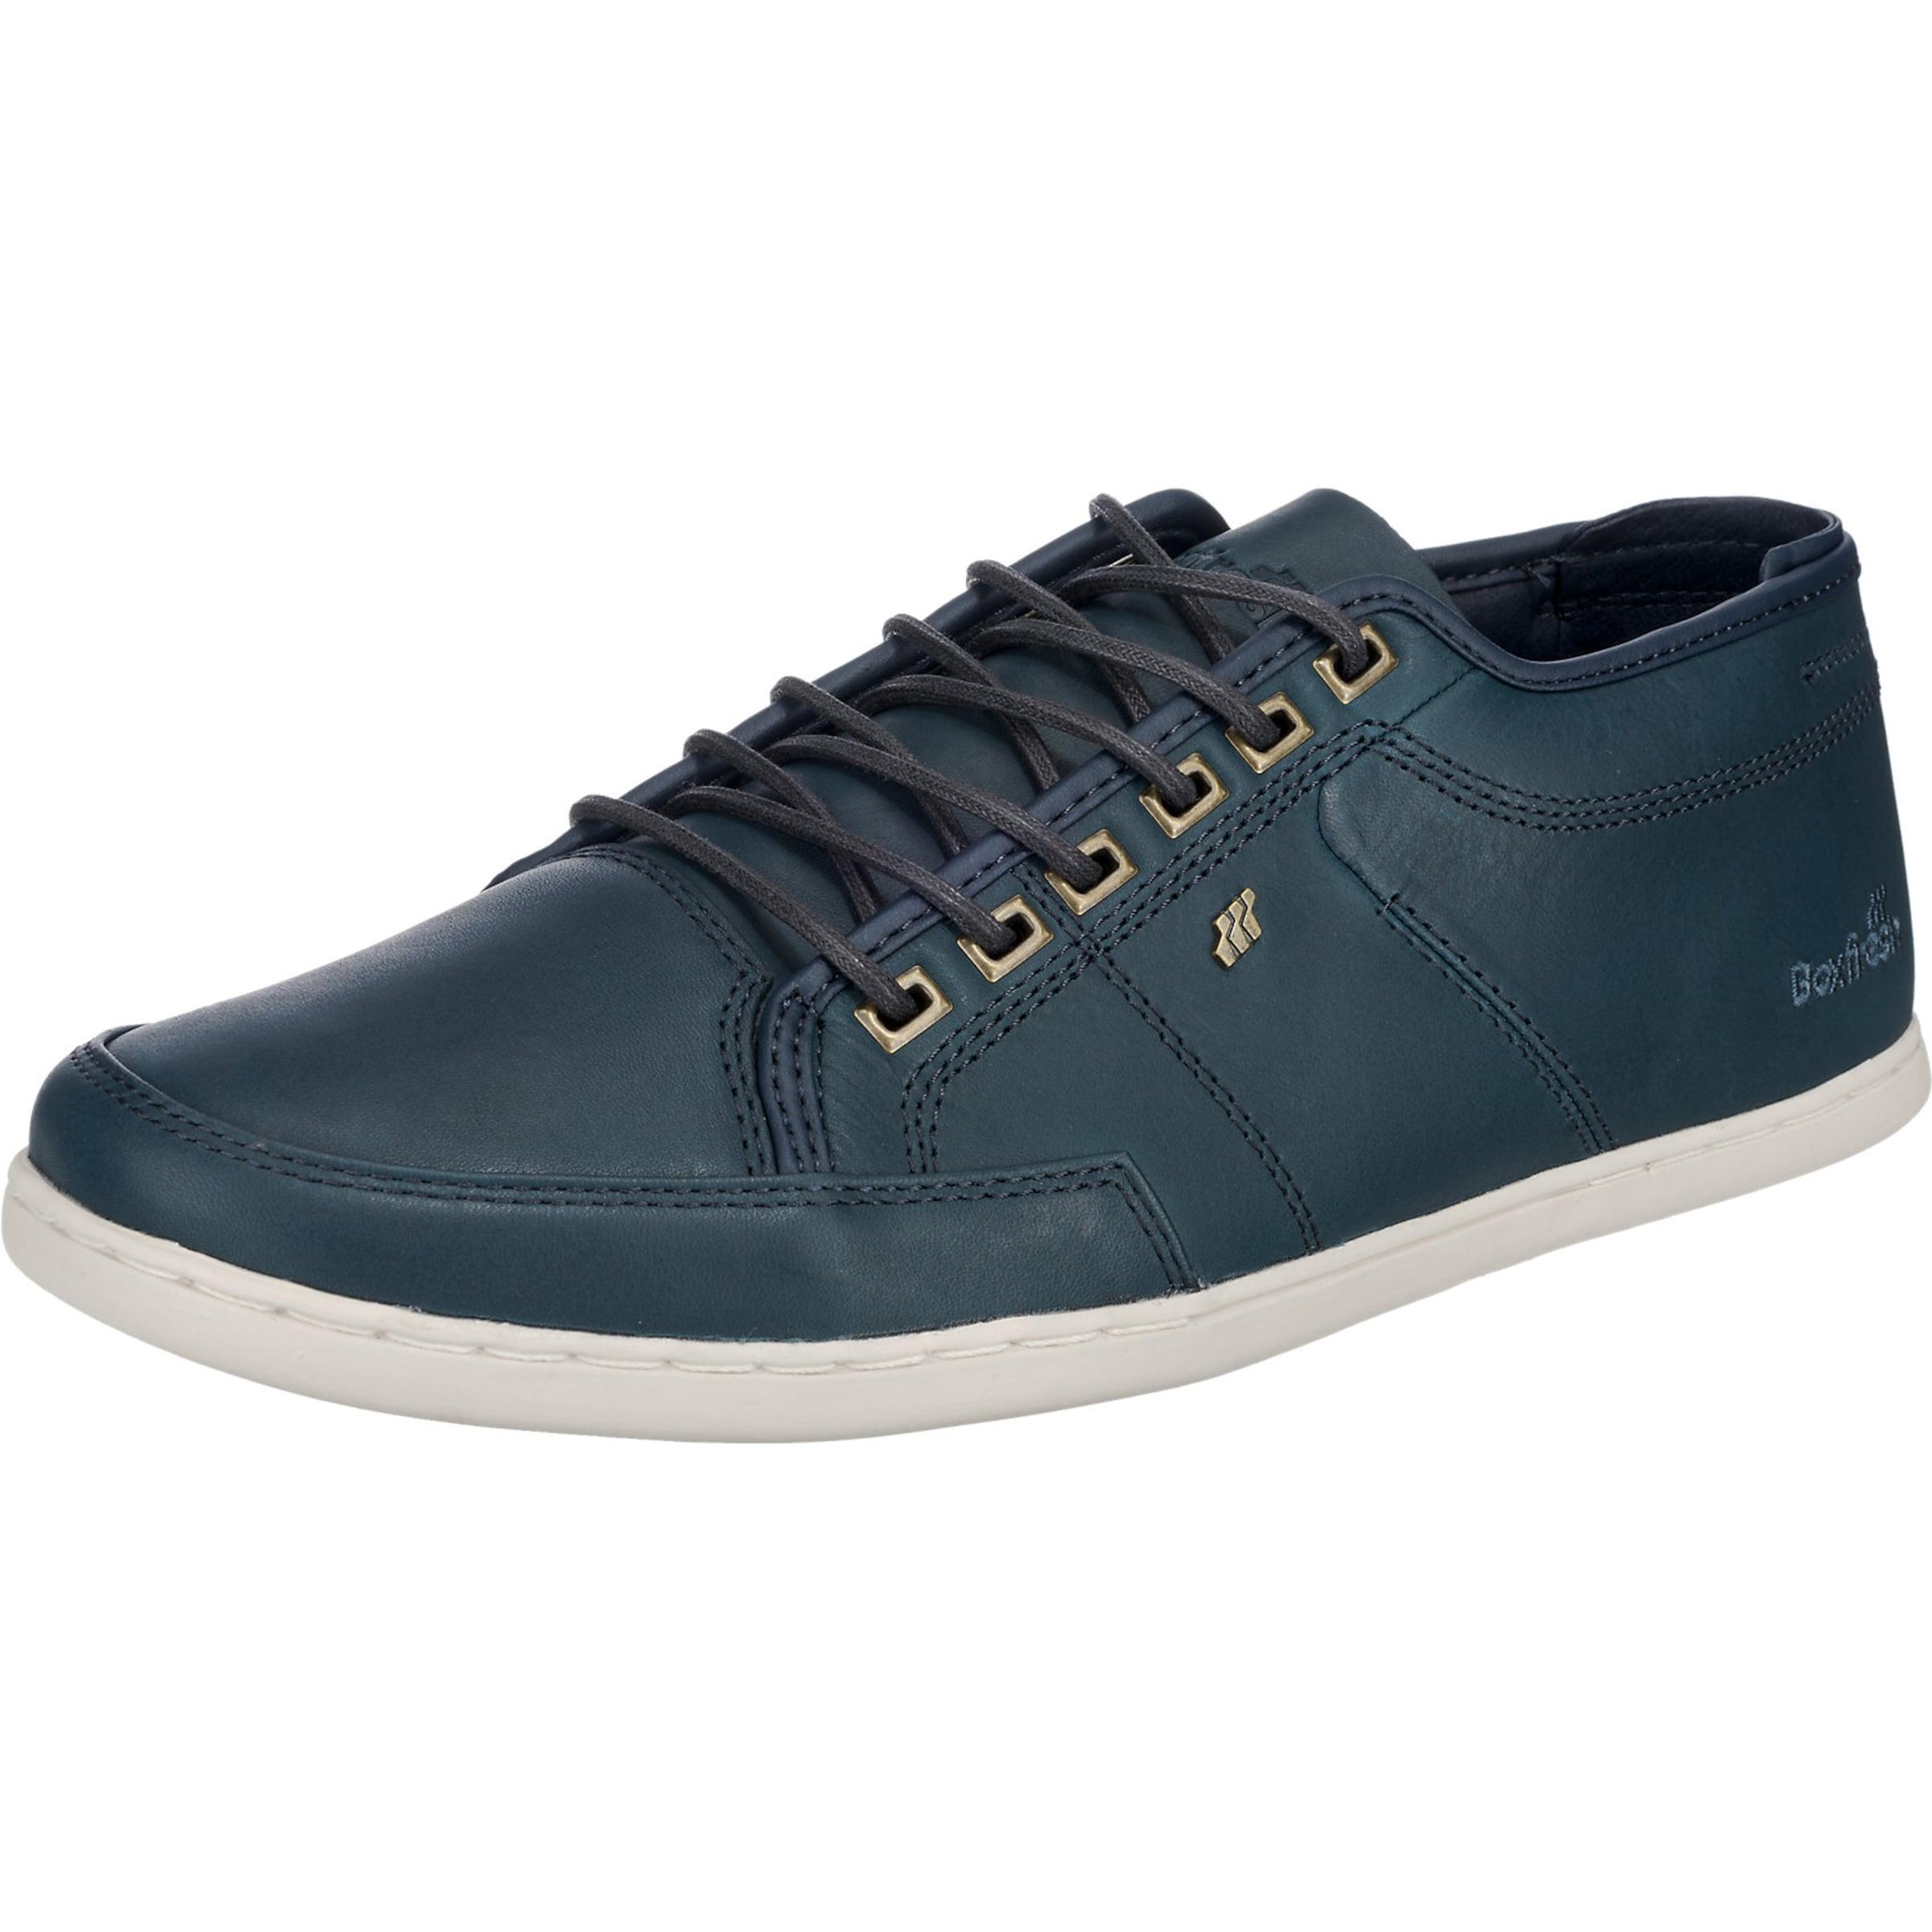 BOXFRESH Sparko Sneakers Verschleißfeste billige Schuhe